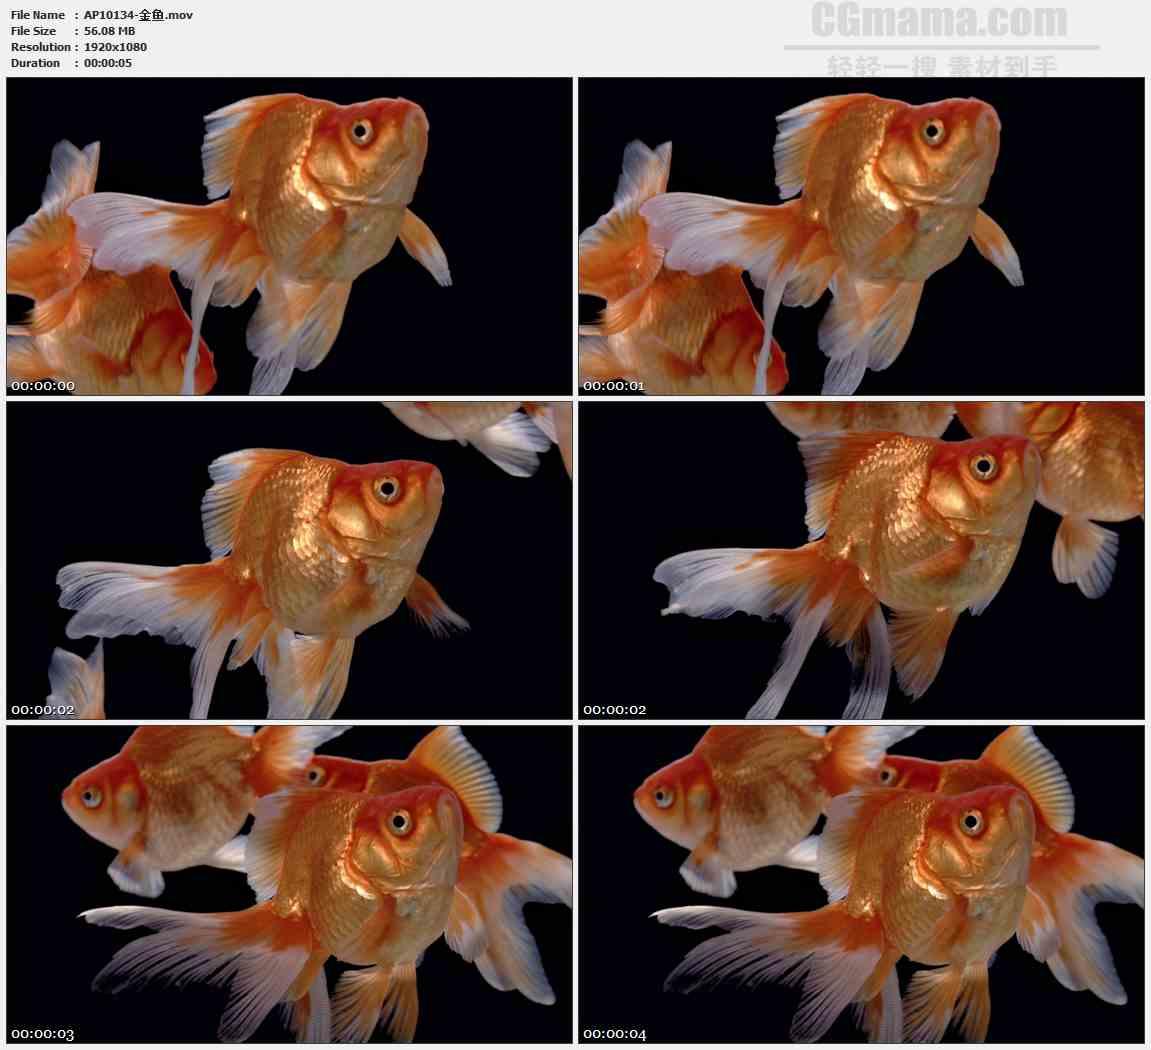 AP10134-三只橘色金鱼游动特写高清实拍视频素材